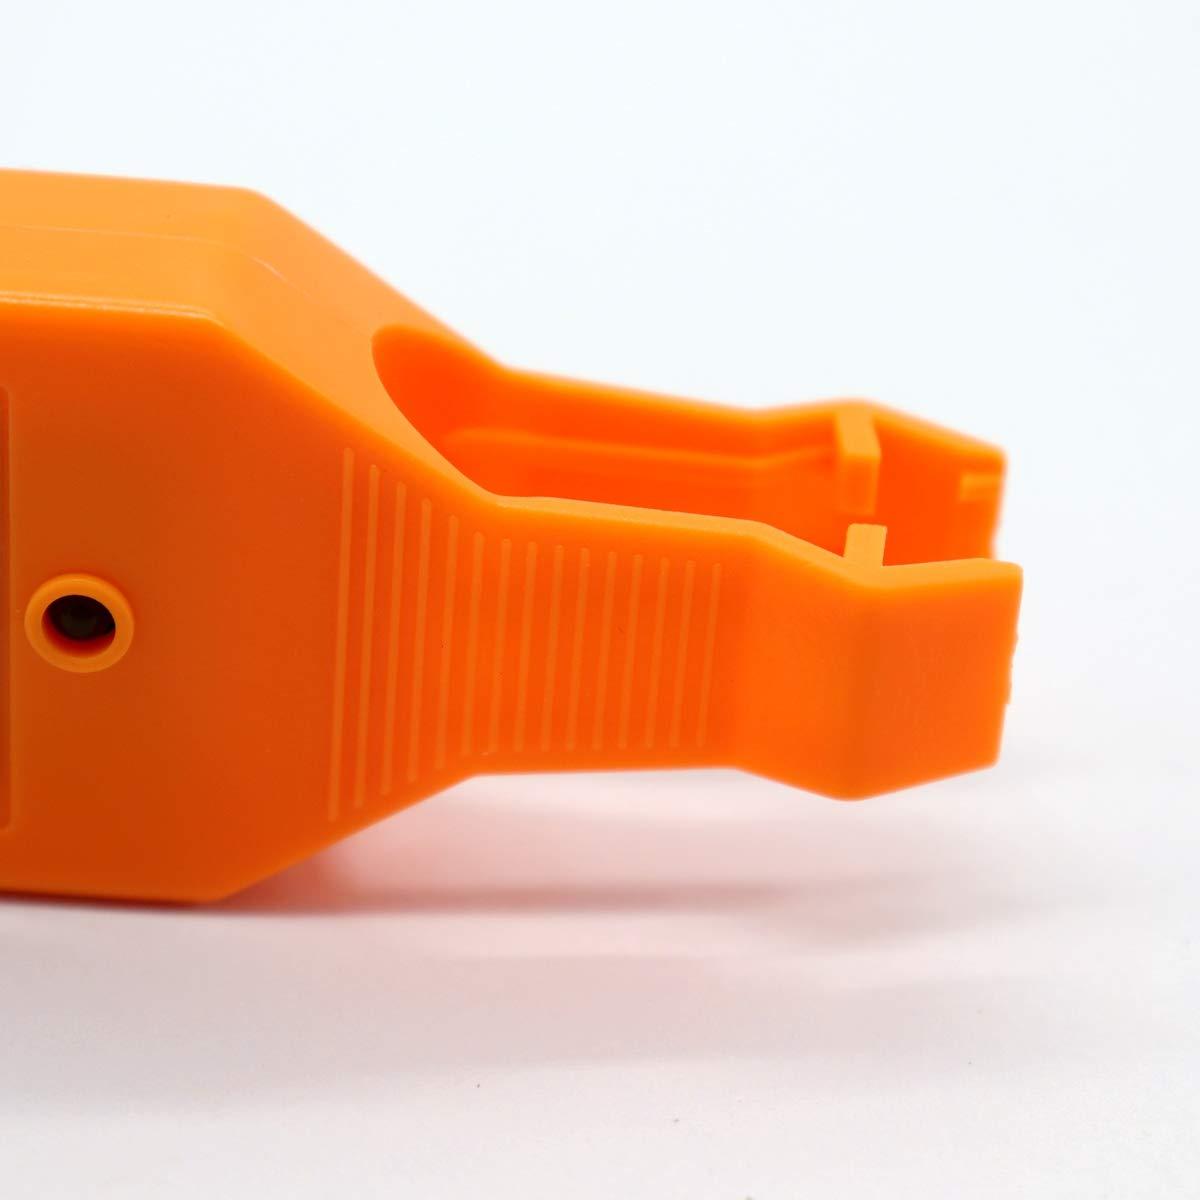 Orange Vosarea Automobil-Auto-Fahrzeug-justierbarer Sicherungstester-Abzieher mit Anzeigelicht